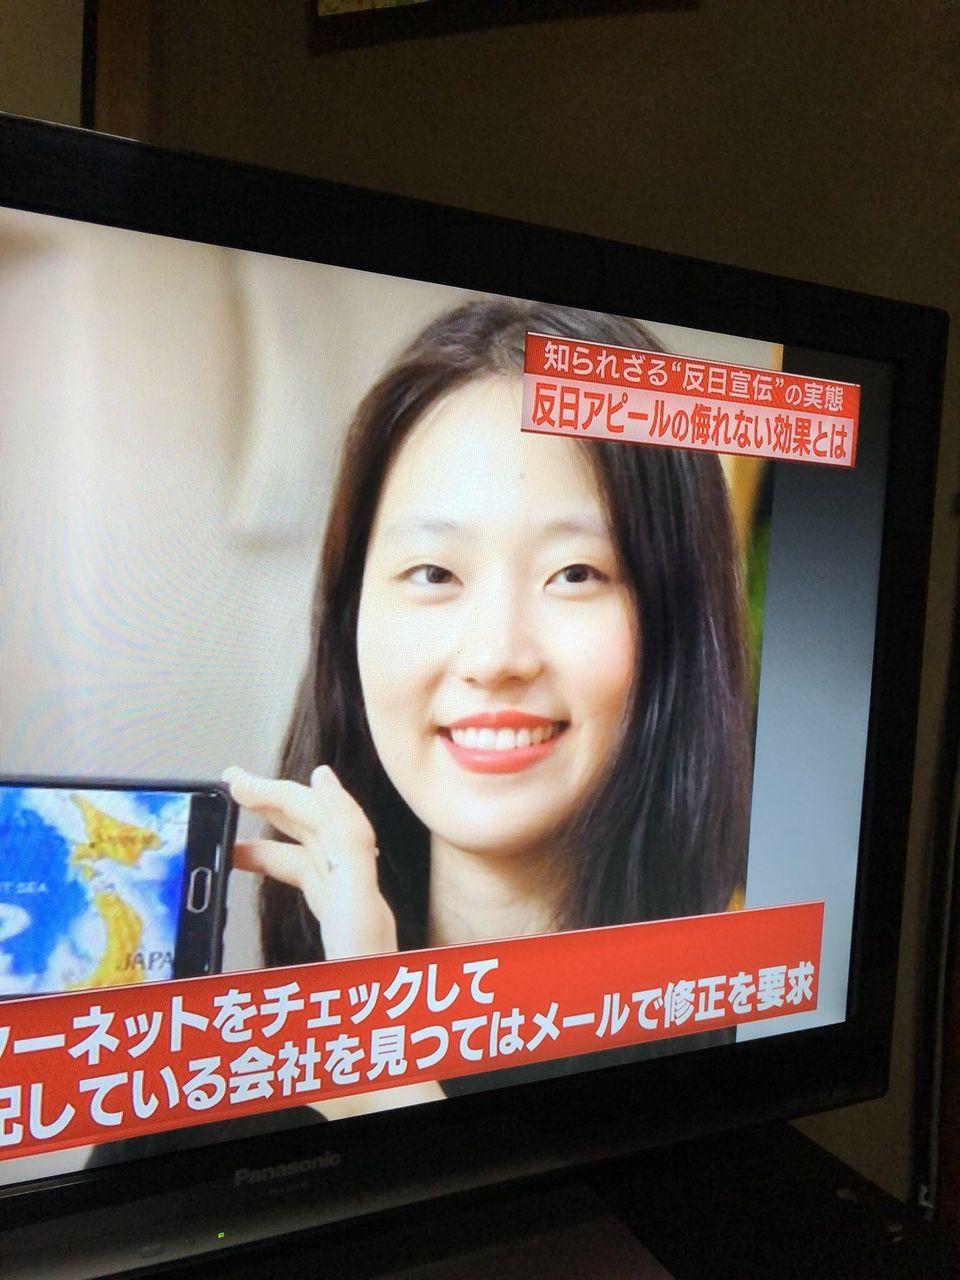 【嫌韓は危険思想のはじまり 】民間外交有識者「韓国が悪と決めつけるな!」と警鐘へ